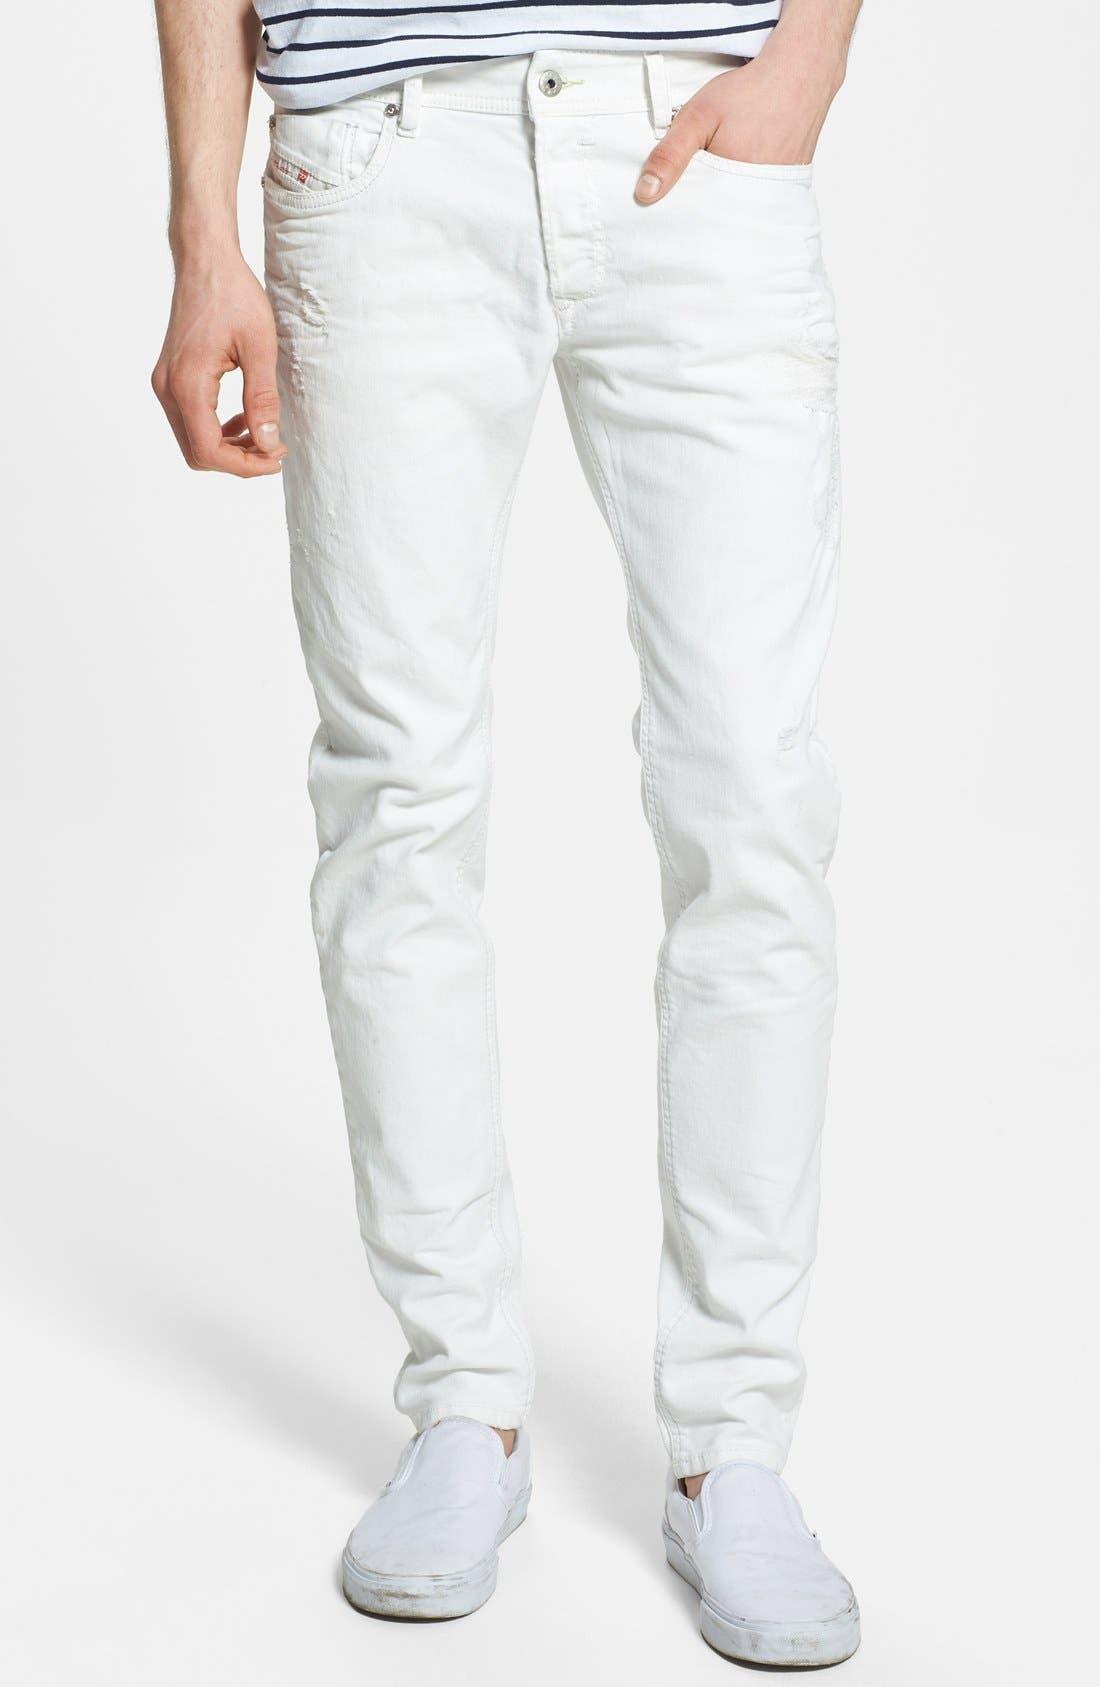 Alternate Image 1 Selected - DIESEL® 'Sleenker' Skinny Fit Jeans (828G)